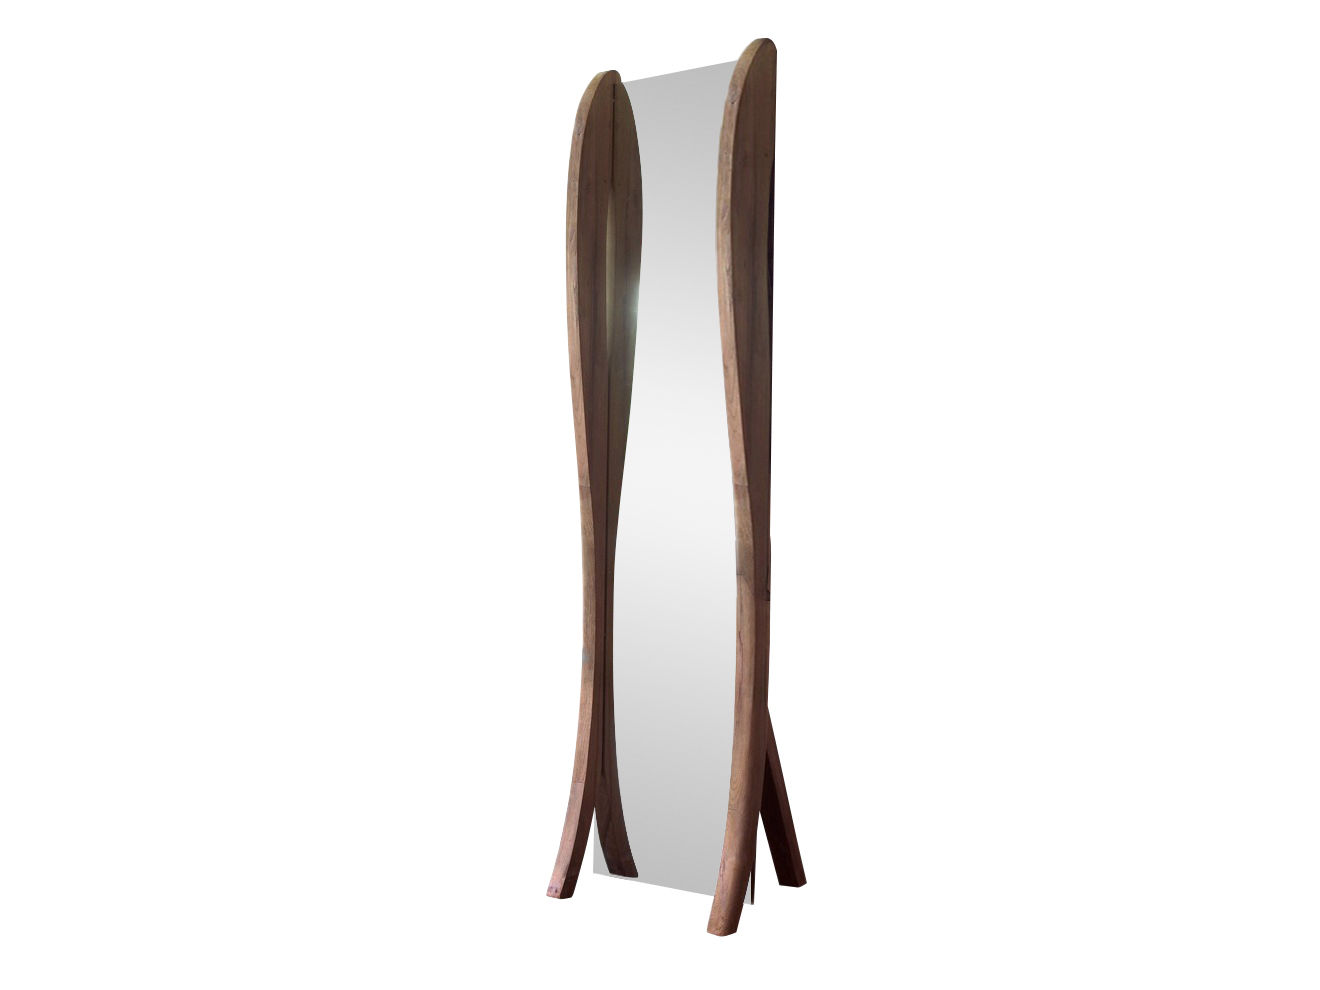 Зеркало напольное LucyНапольные зеркала<br>Напольное зеркало компании Teak House из далекой Индонезии придаст интерьеру особую изюминку: рама на ножках изготовлена из красивой, влагоустойчивой и прочной тиковой древесины. Любители аутентичных вещей, путешествий и этнических мотивов в интерьере оценят это зеркало по достоинству.<br><br>Material: Тик<br>Ширина см: 56<br>Высота см: 220<br>Глубина см: 50